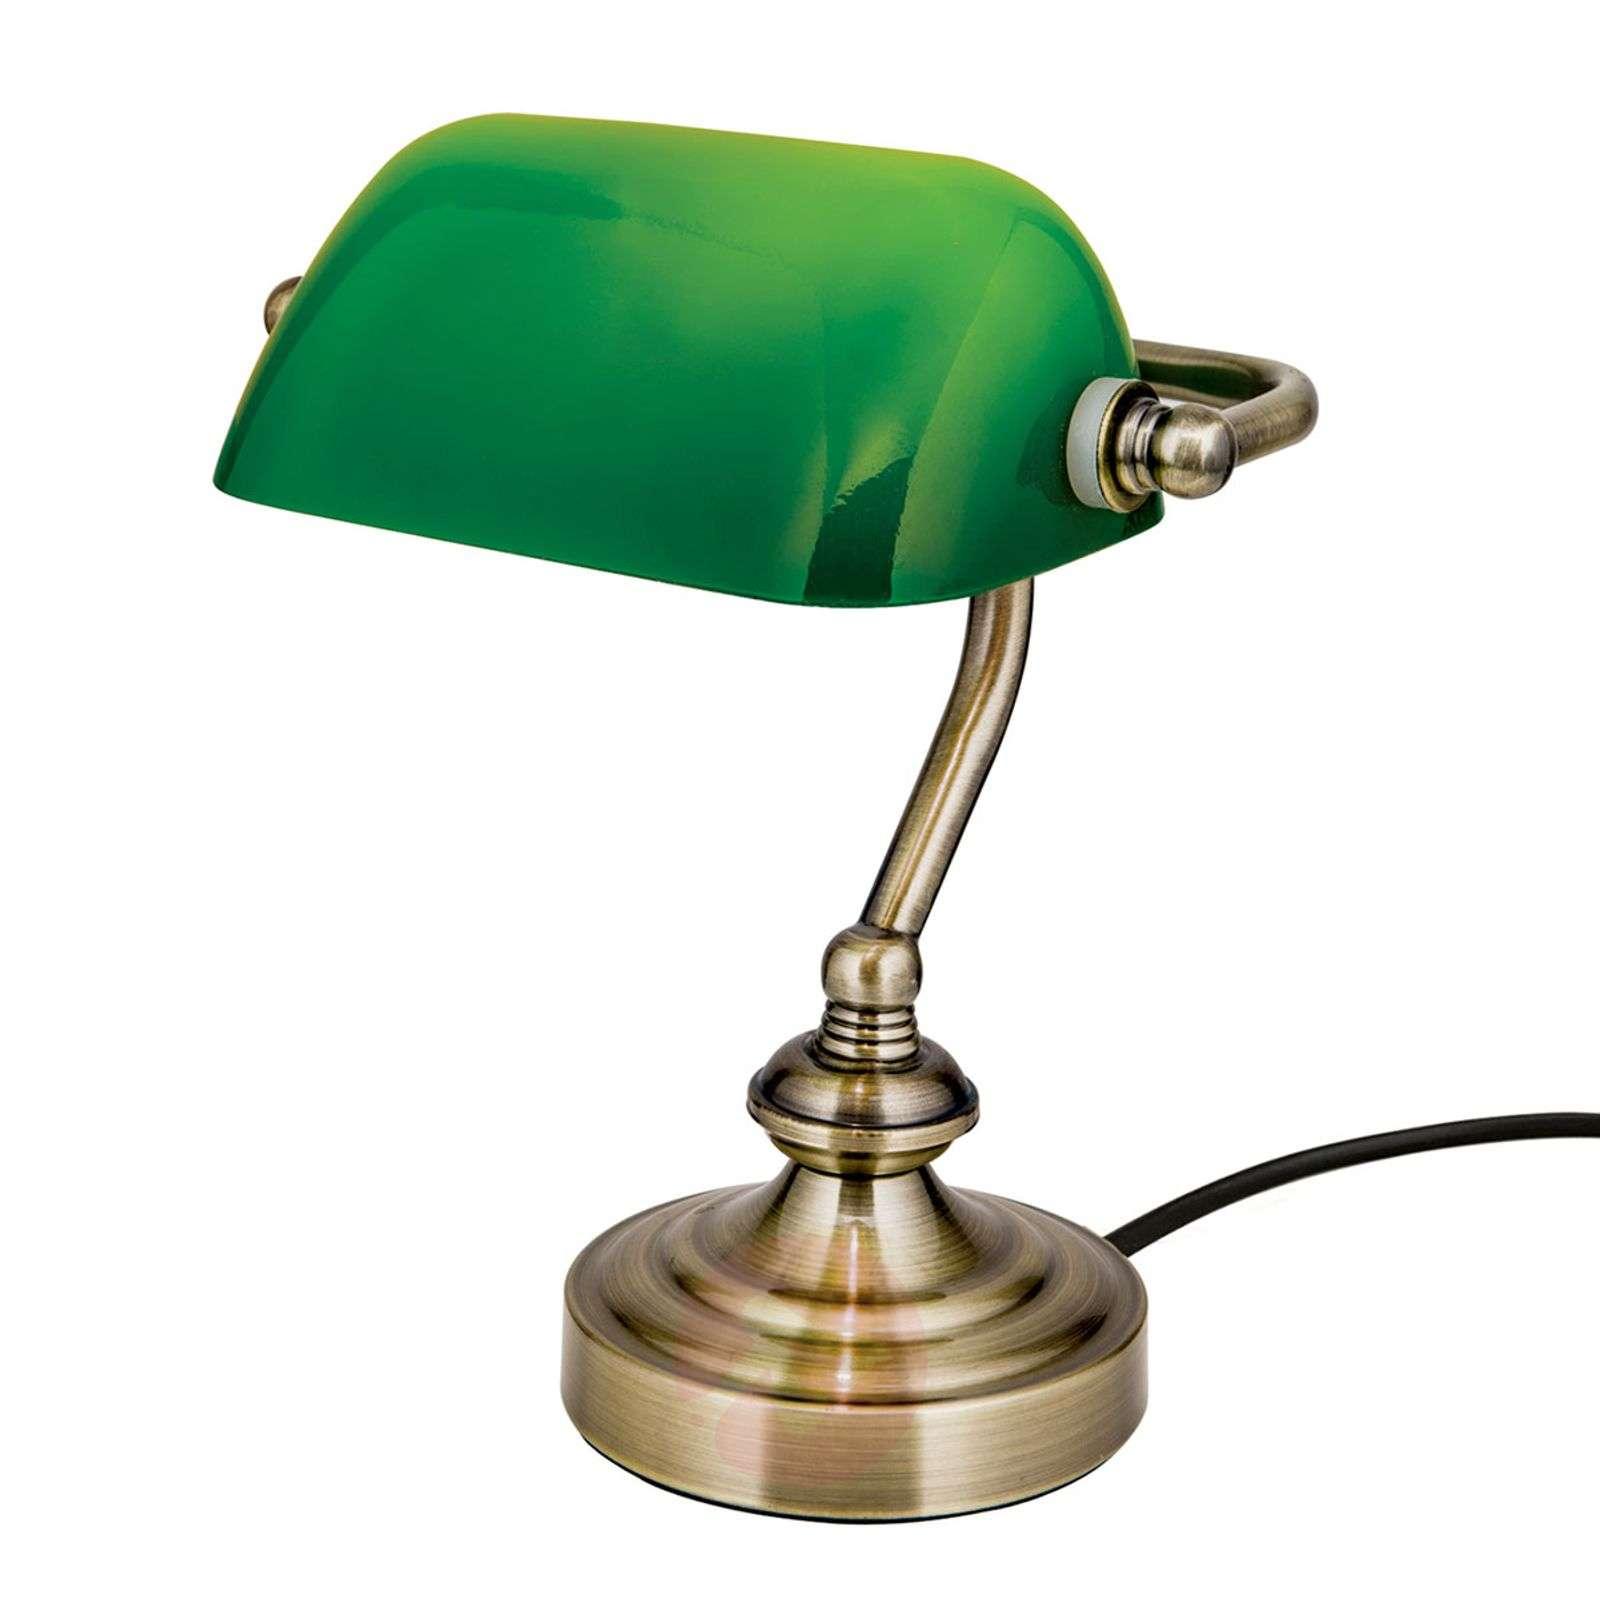 Zora-pankkiirivalaisin vihreällä lasivarjostimella-7255360-01